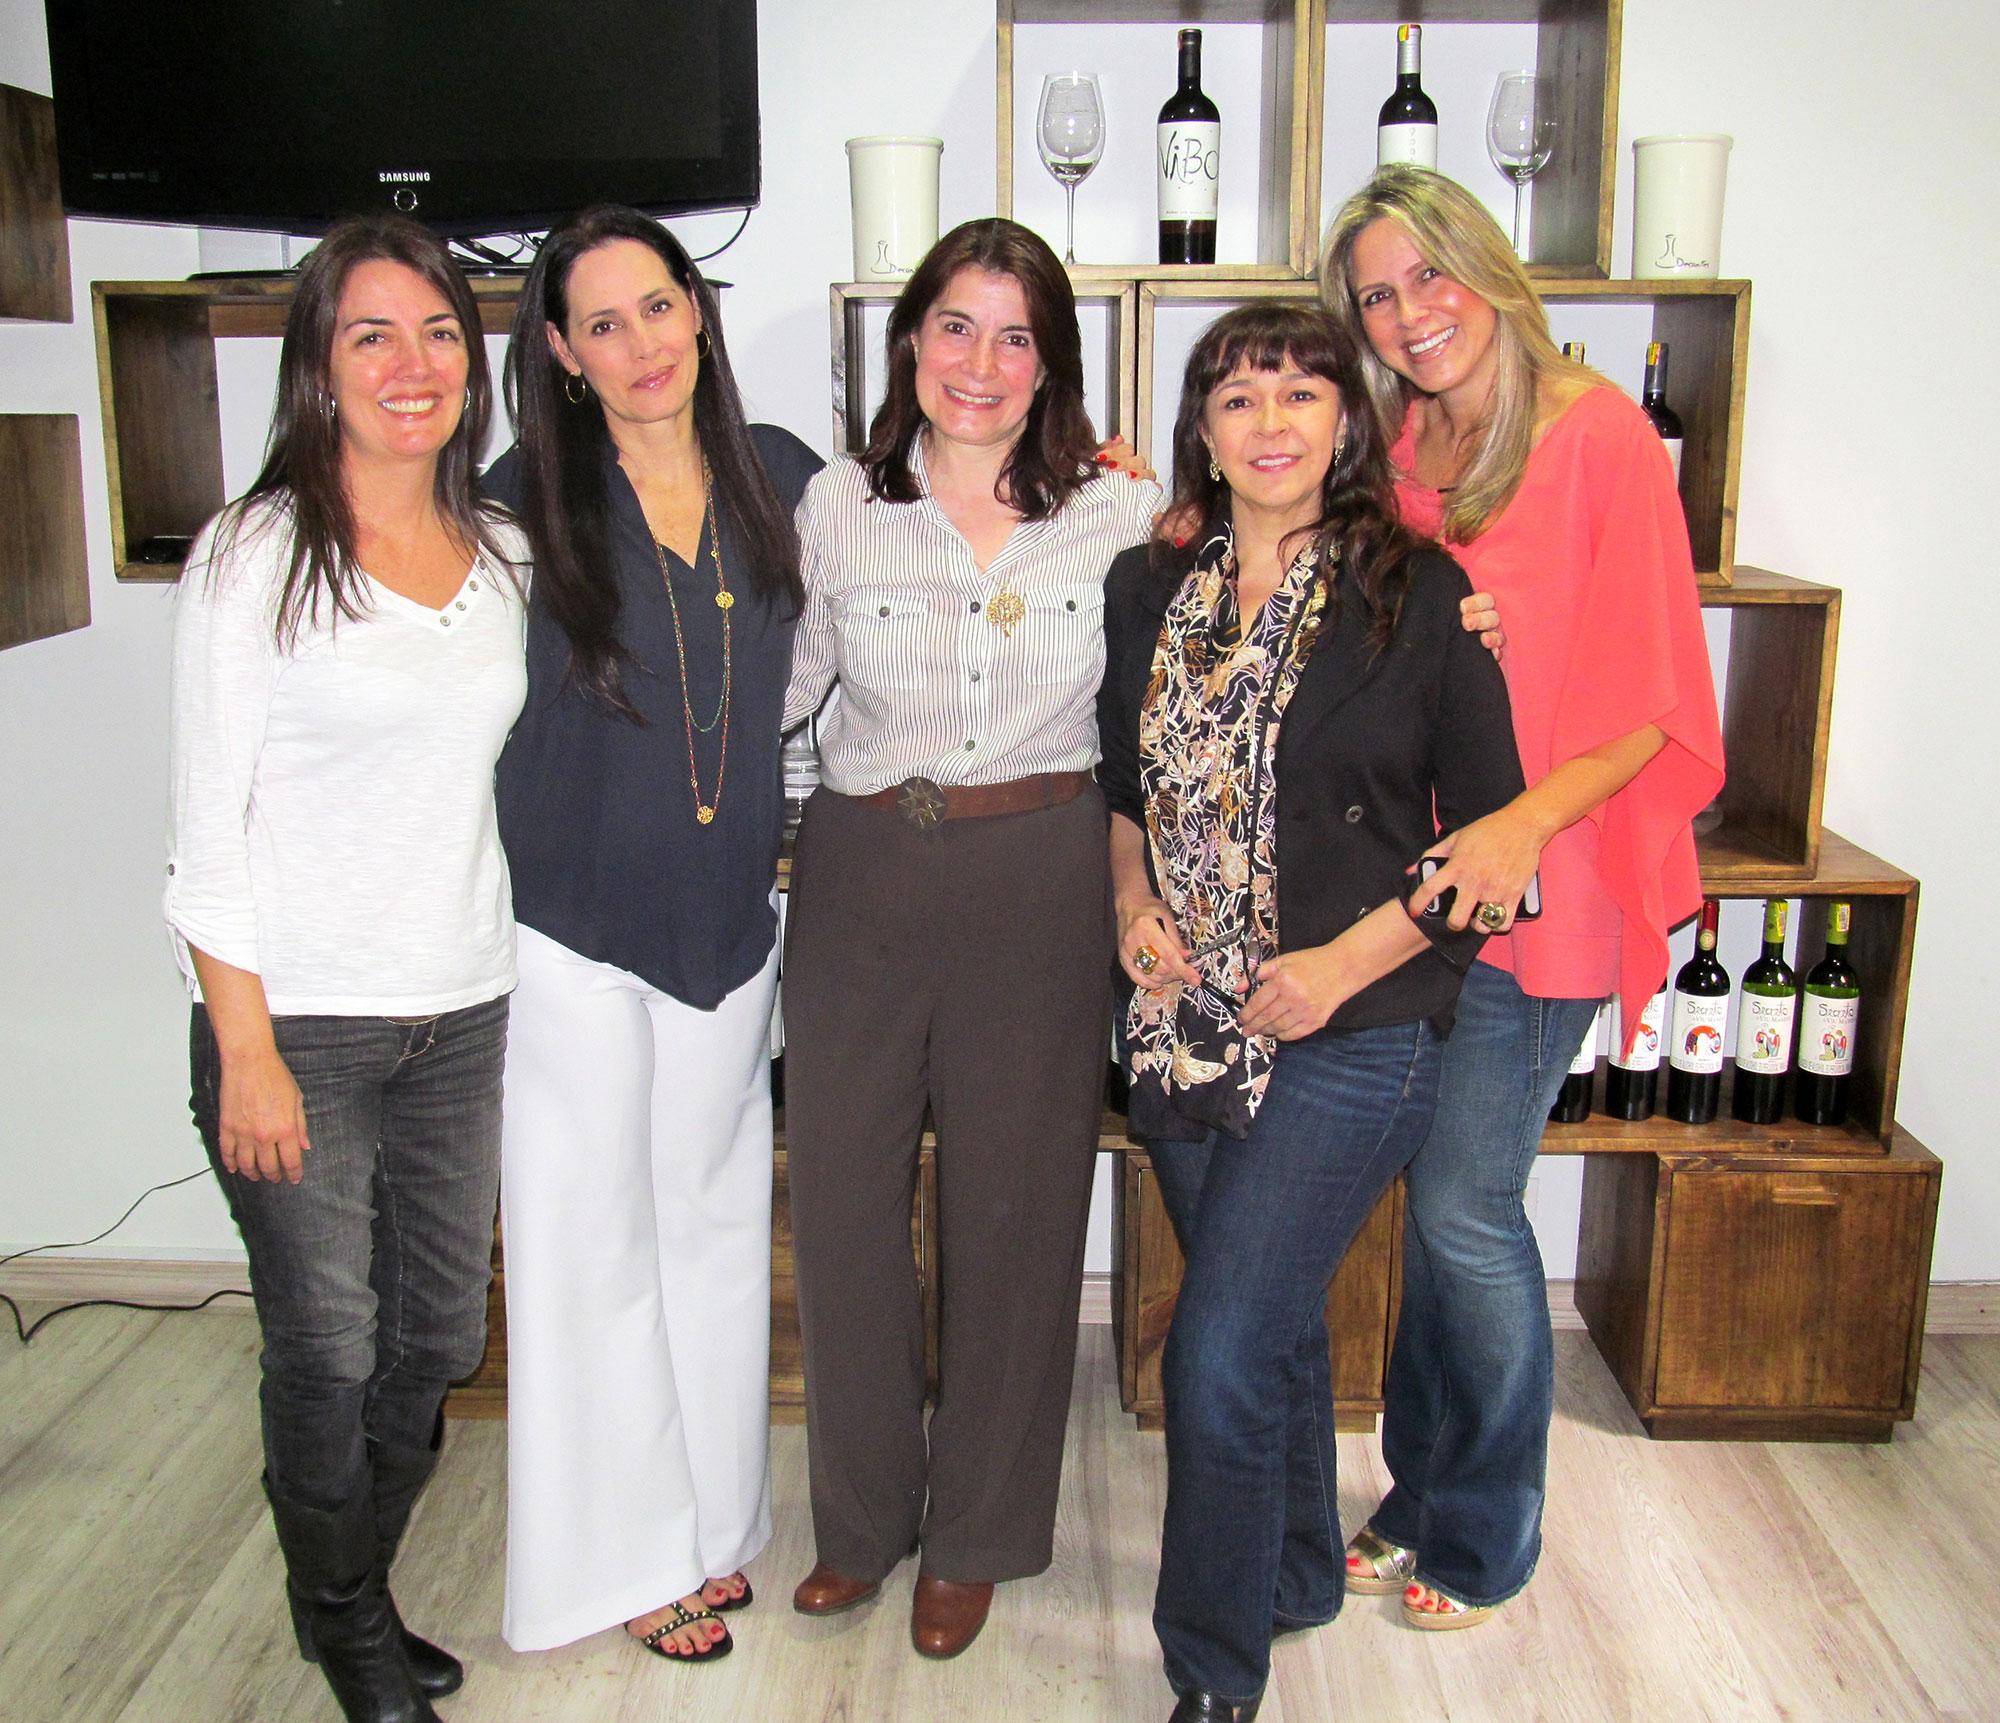 Una asistencia muy femenina, de izquierda a derecha: Anita Echandía, Mariluz Escobar, María del Carmen Montoya, Patricia Jaramillo y Luz Zoraida Pérez.